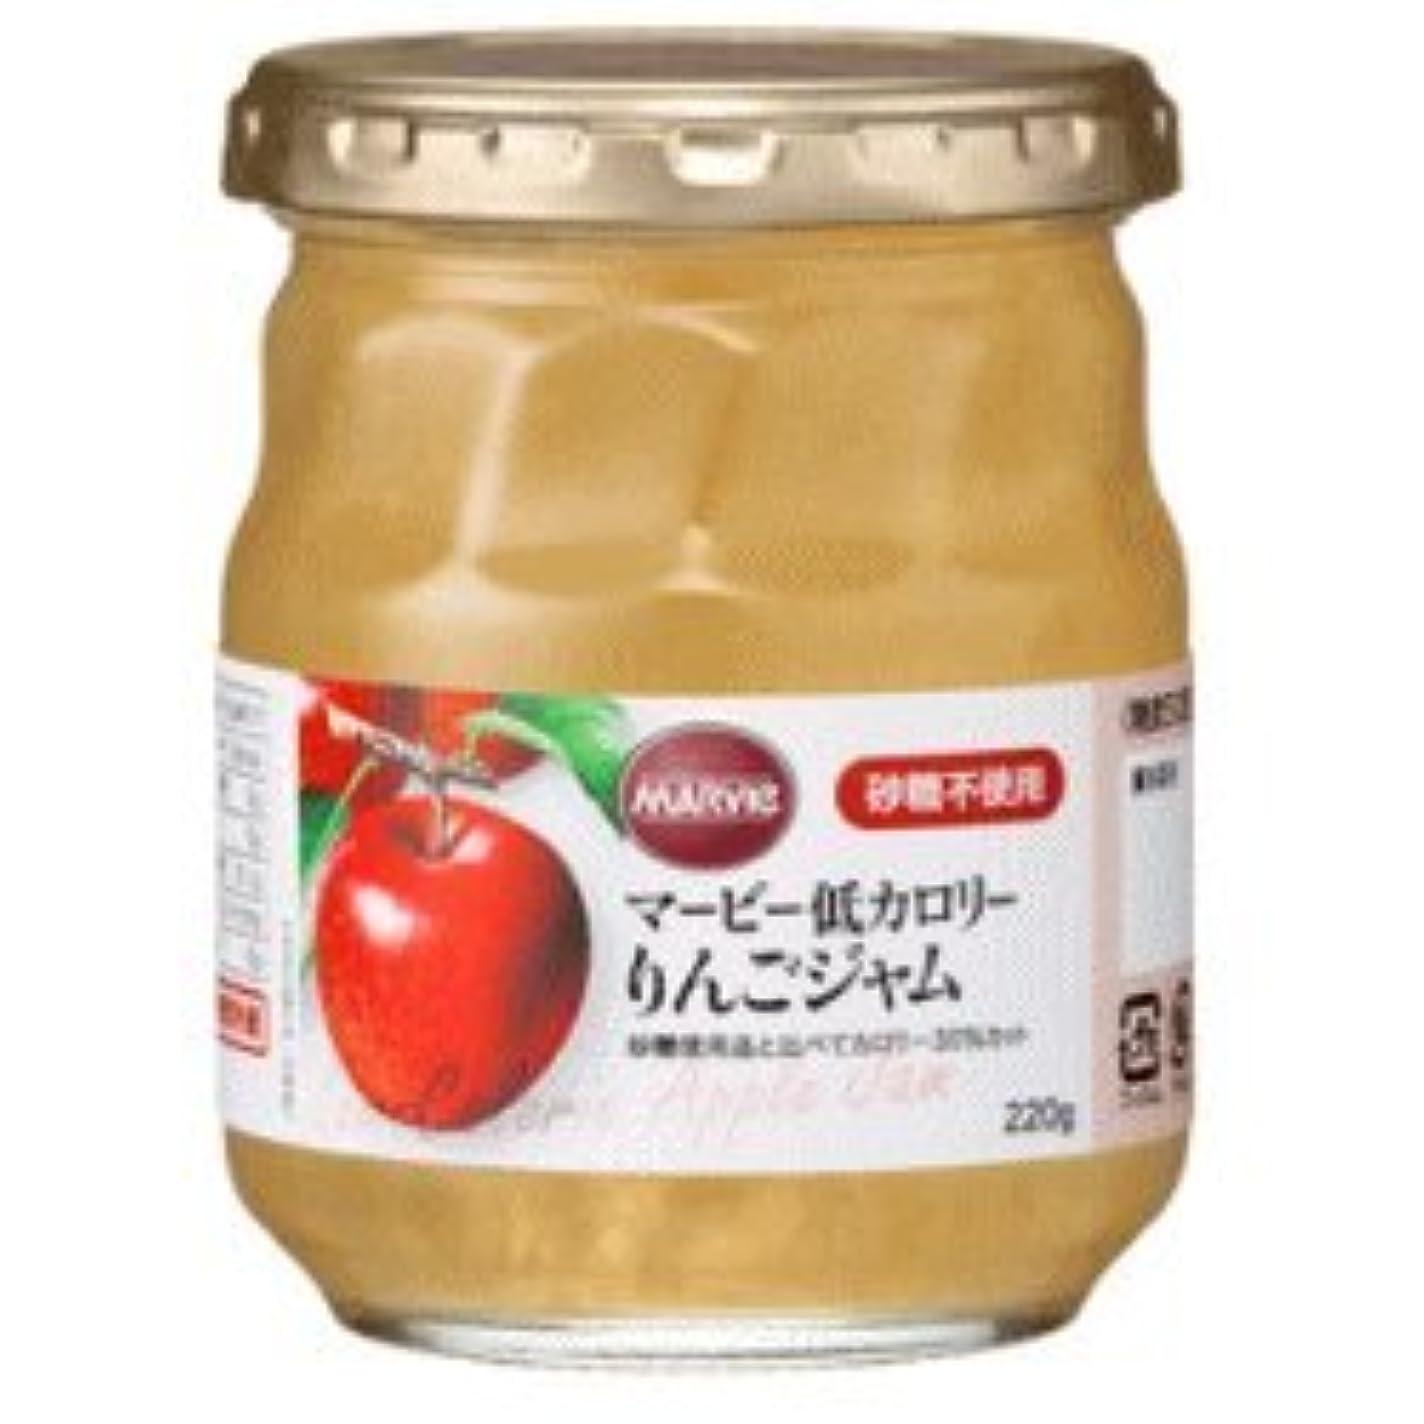 影響を受けやすいですアトラス土H+Bライフサイエンス マービー低カロリー りんごジャム 220g